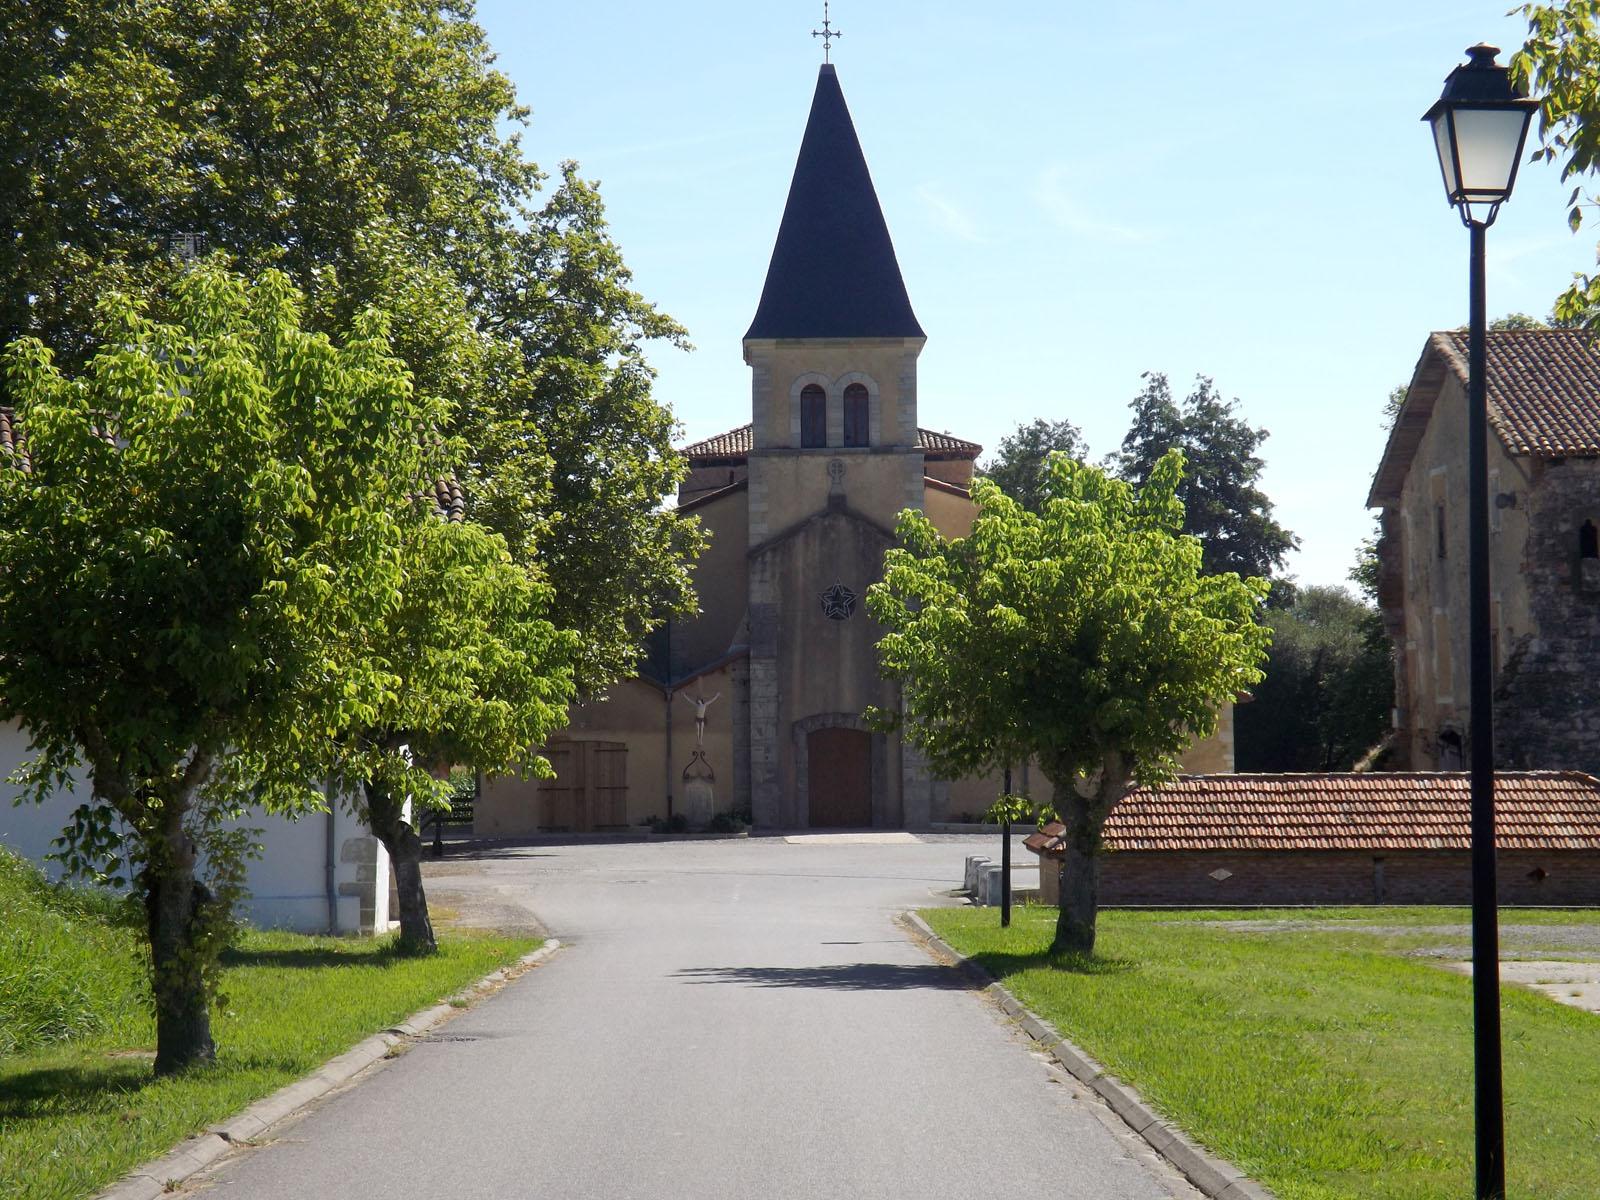 Eglise abbatiale de Cagnotte